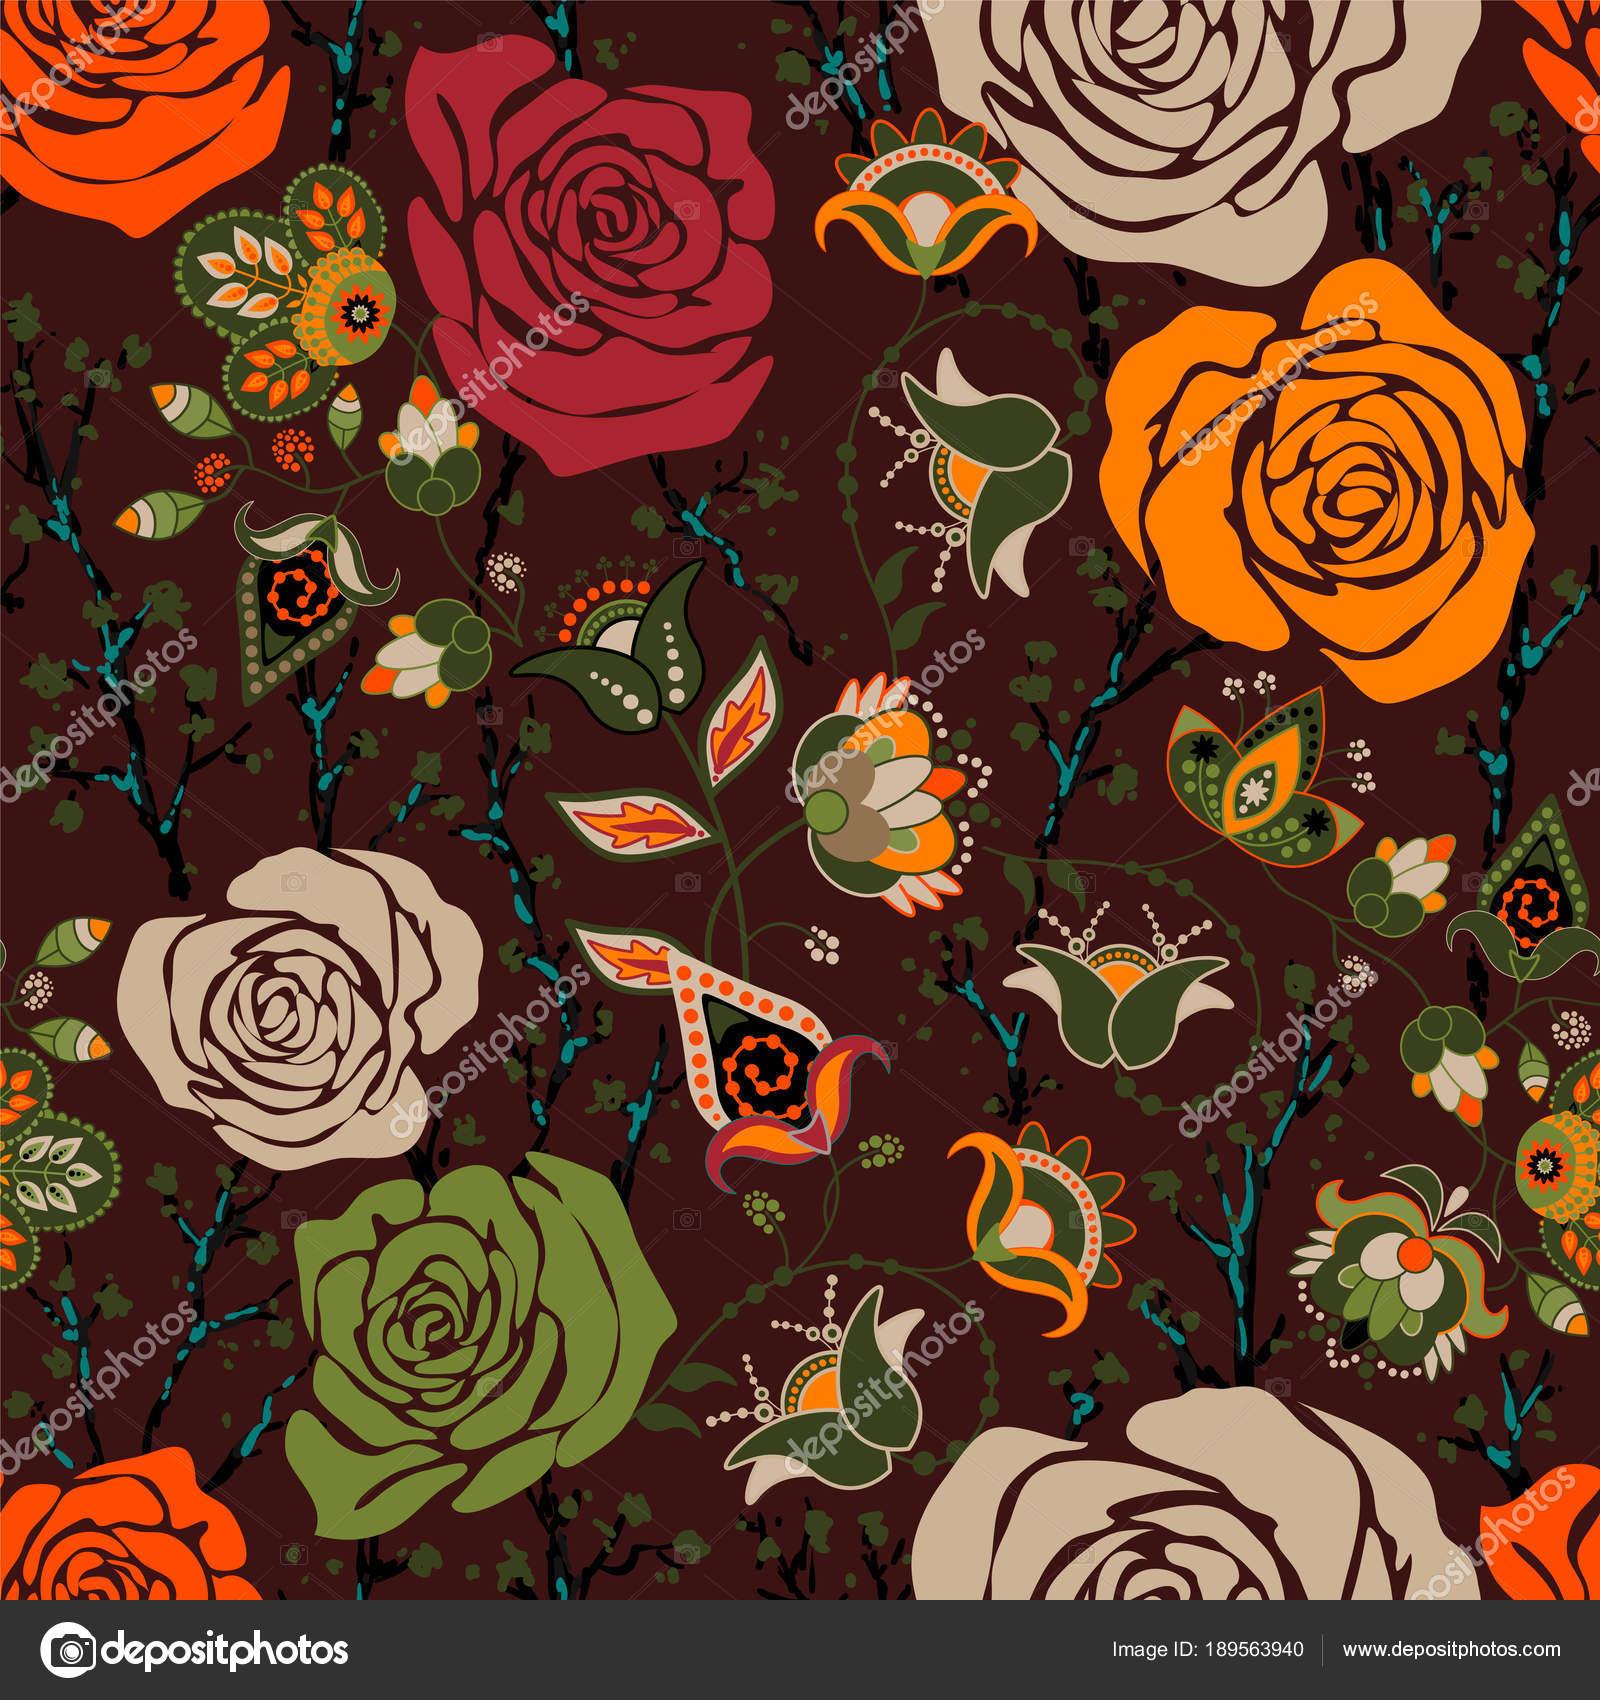 Fondos Coloridos Para Iphone Patron De Colores Con Rosas Flores